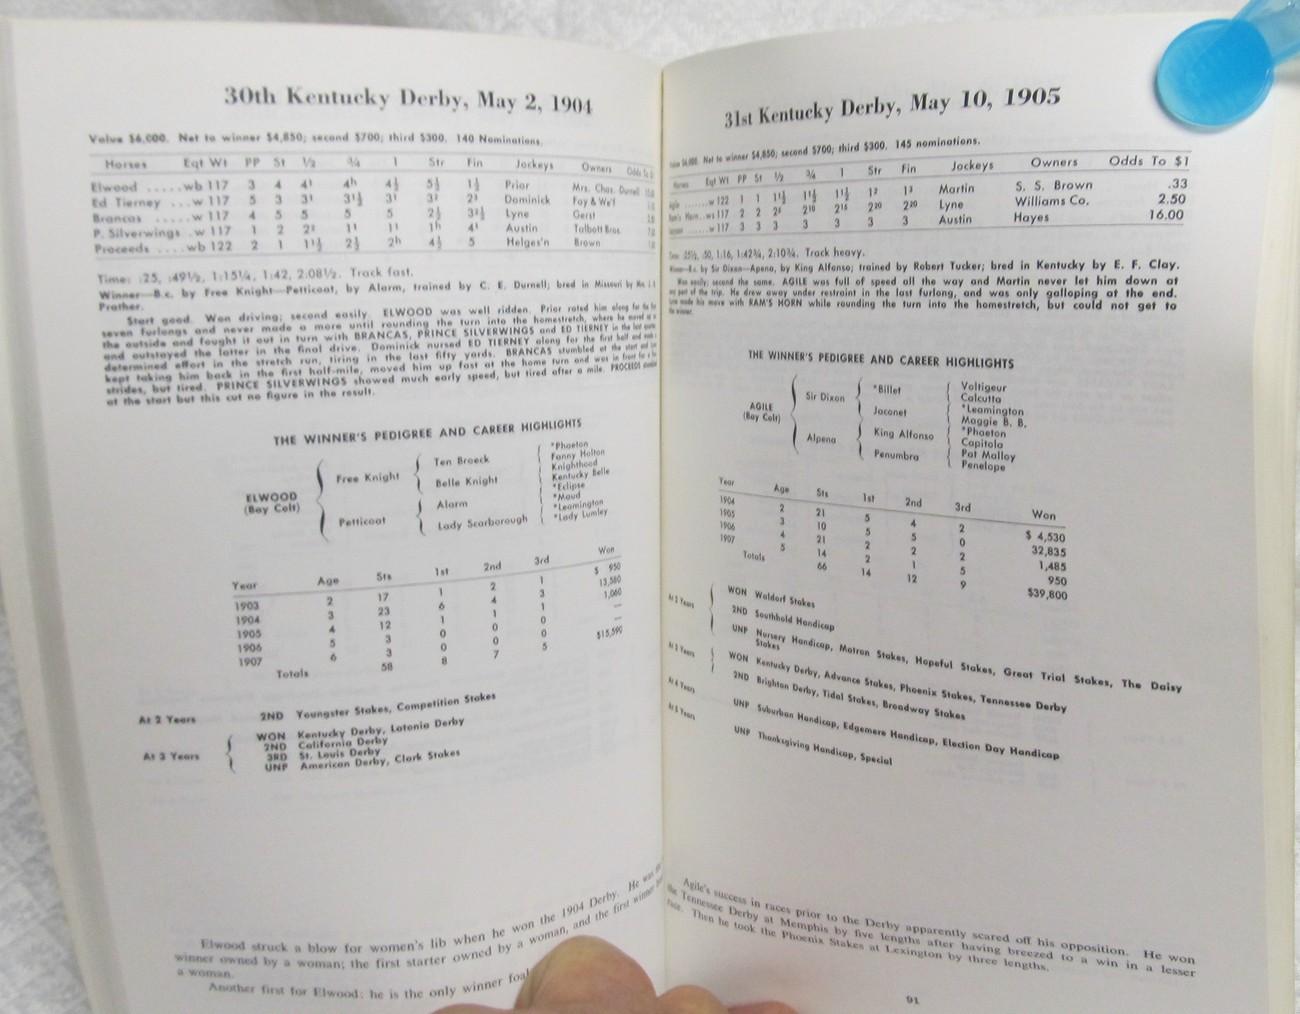 The Kentucky Derby 1875-1975